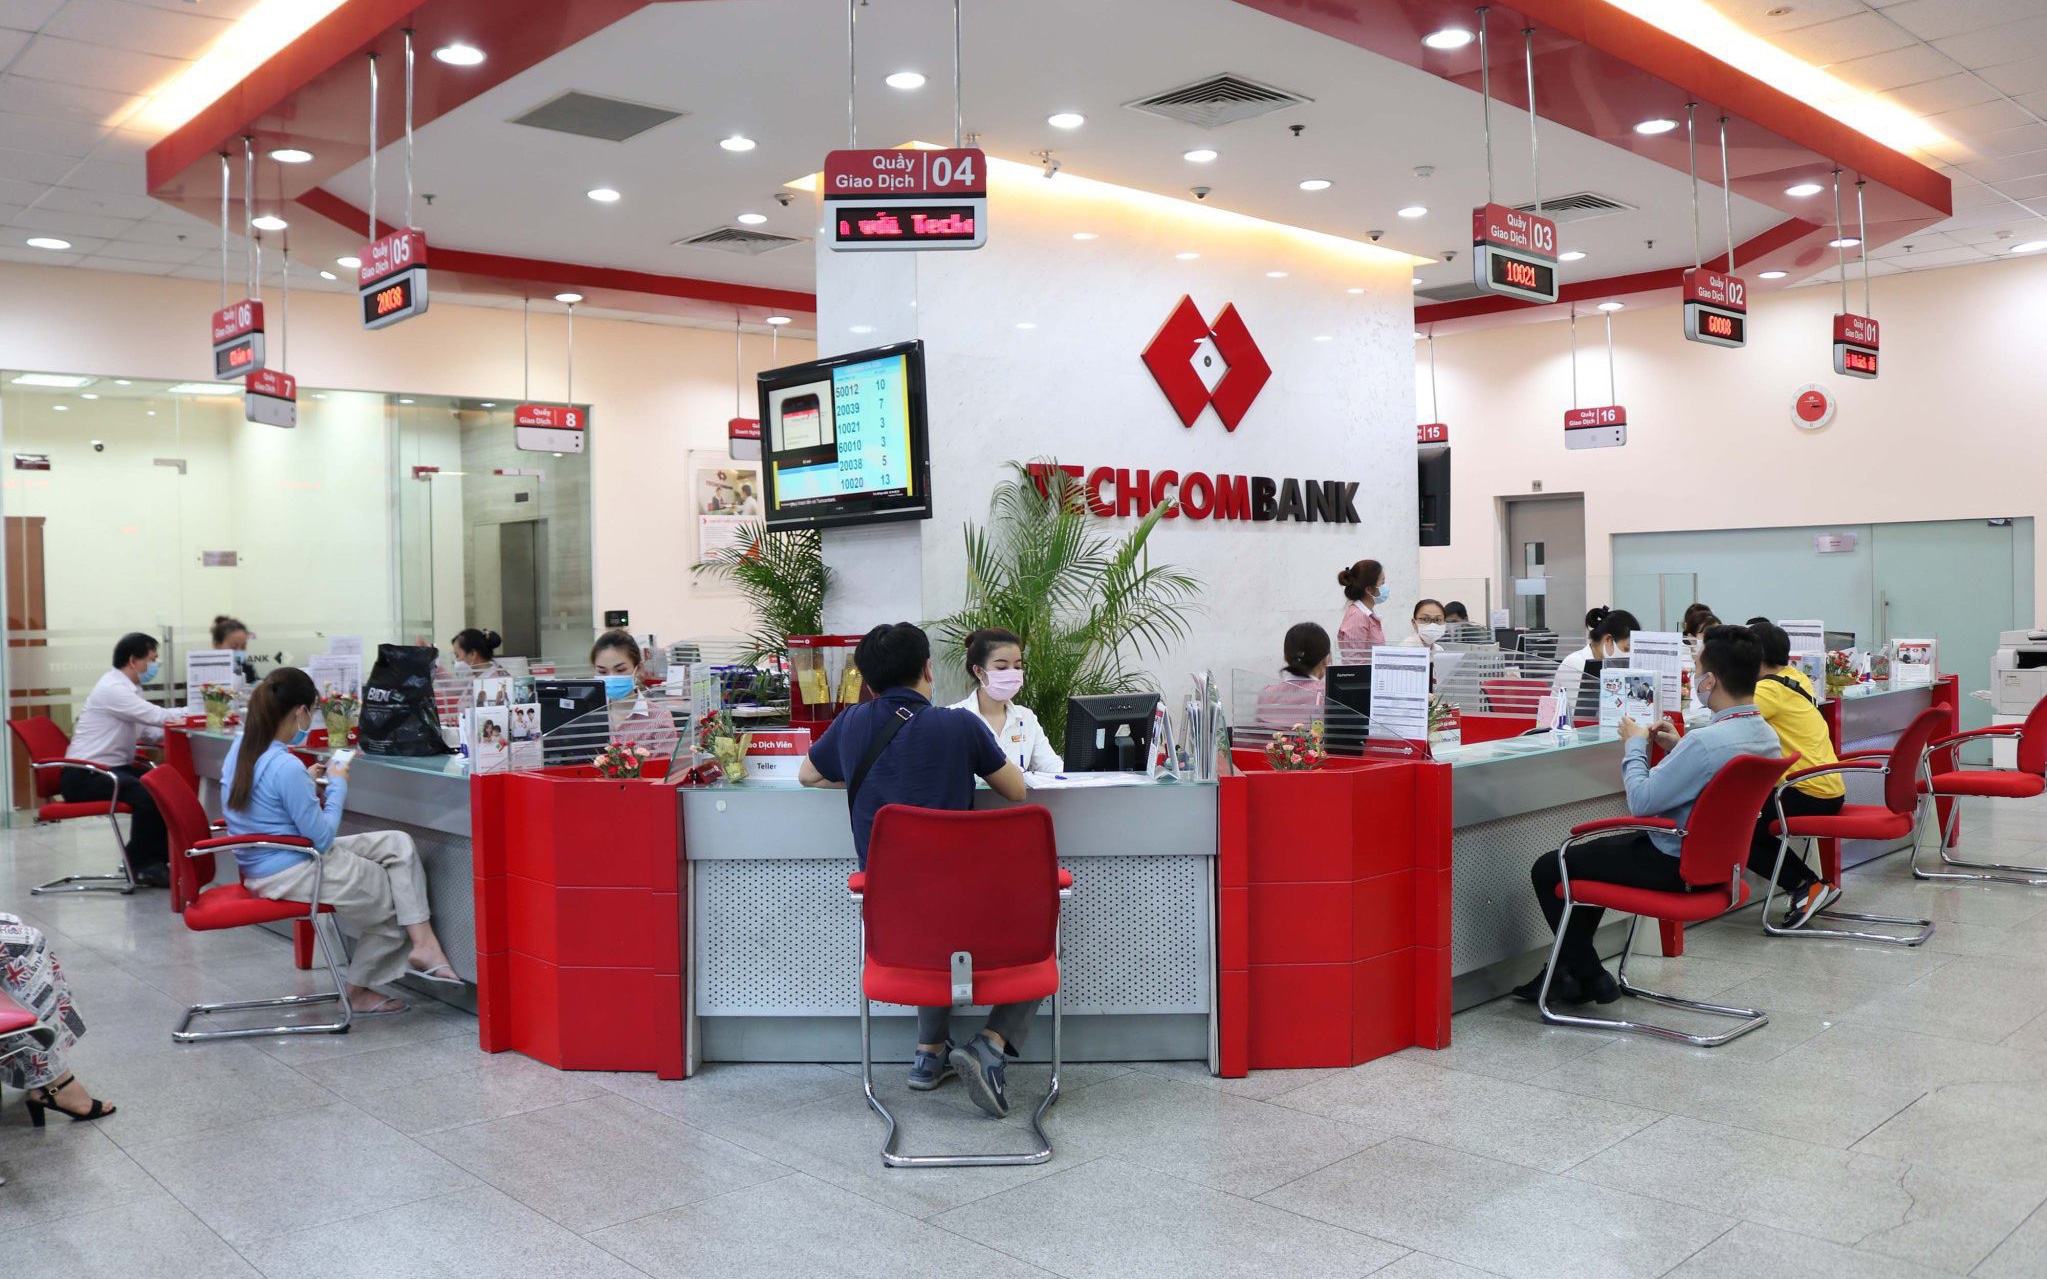 Techcombank duy trì vị thế dẫn đầu trong bối cảnh tác động từ Covid-19